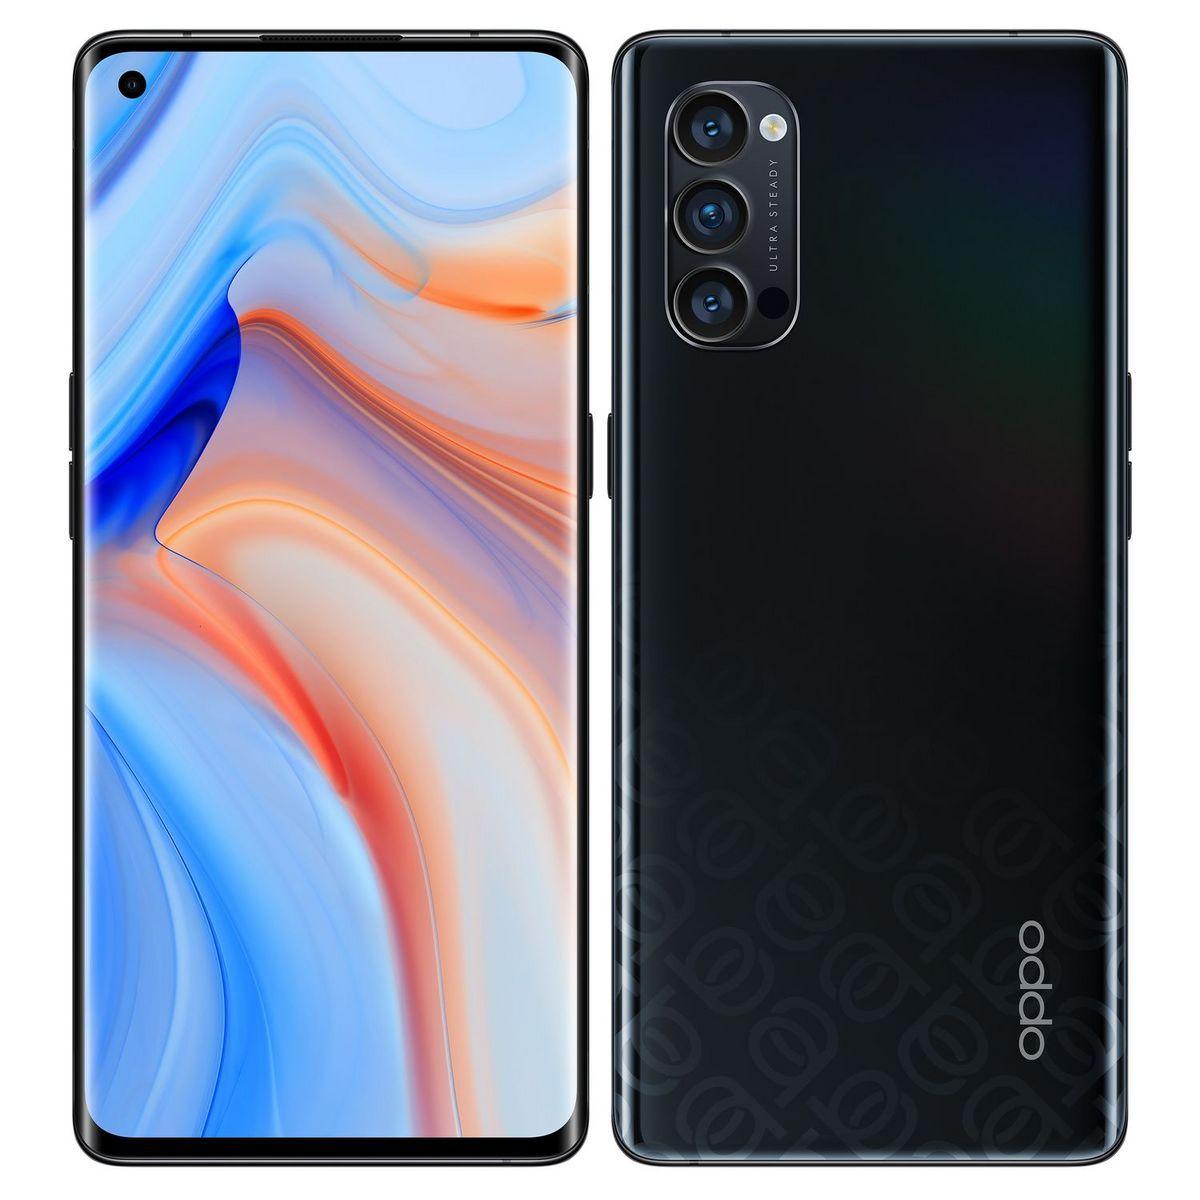 """Smartphone 6.5"""" Oppo Reno4 Pro - Full HD+ 90 Hz, 12 Go de RAM, 256 Go, Noir"""